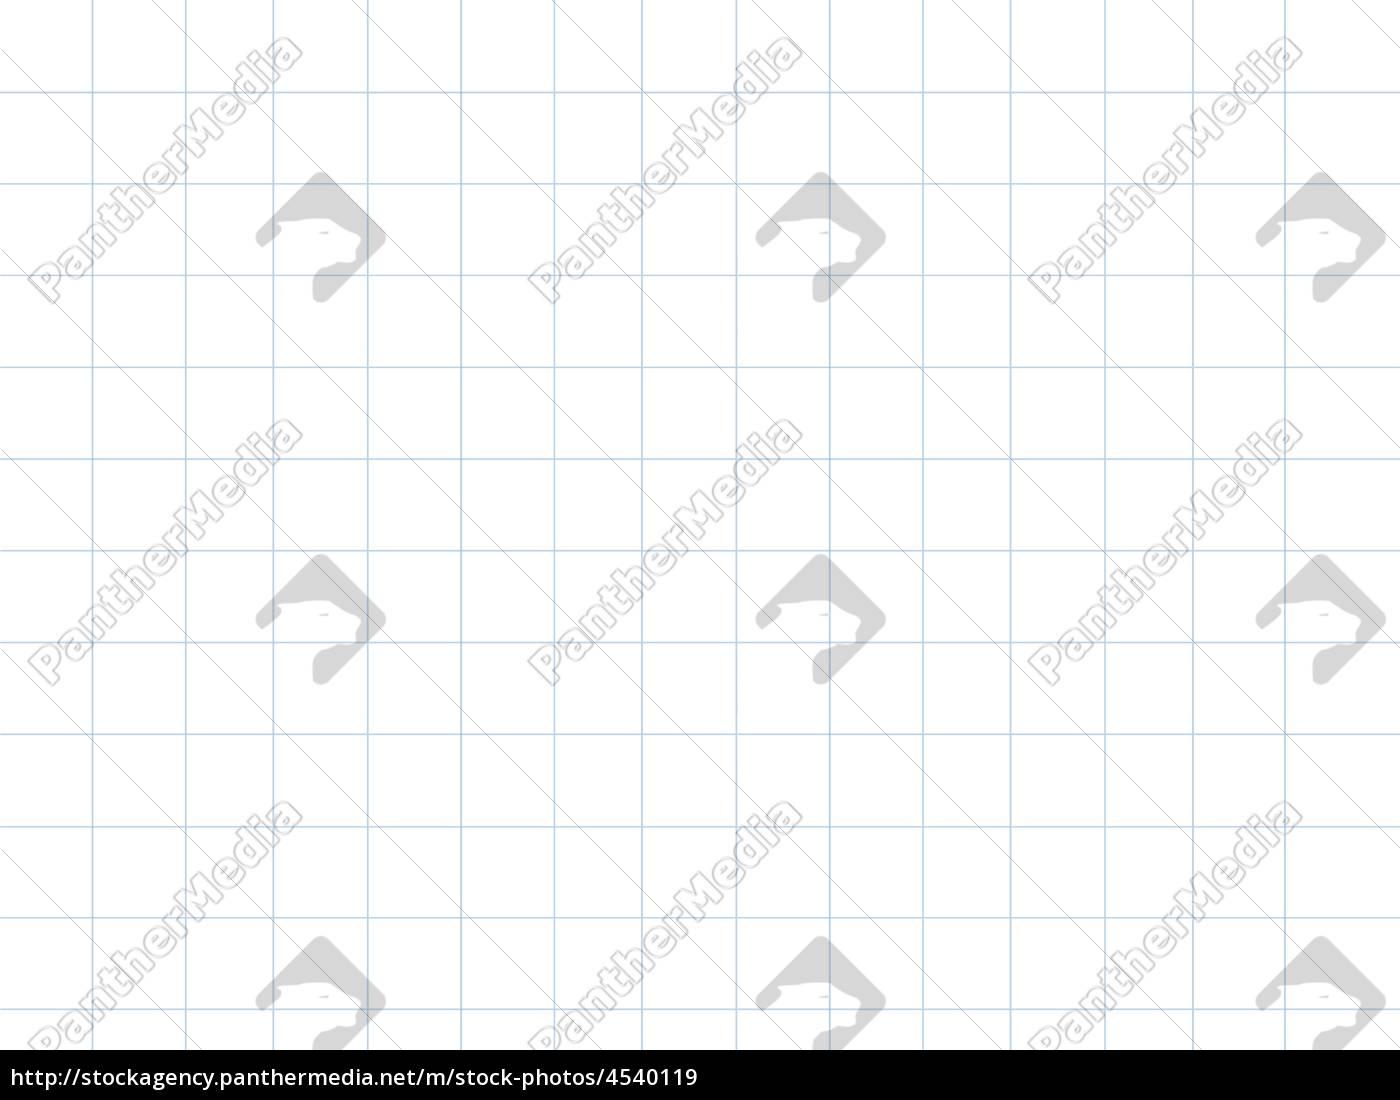 Fantastisch Millimeterpapier Vorlage Frei Galerie - Beispiel ...